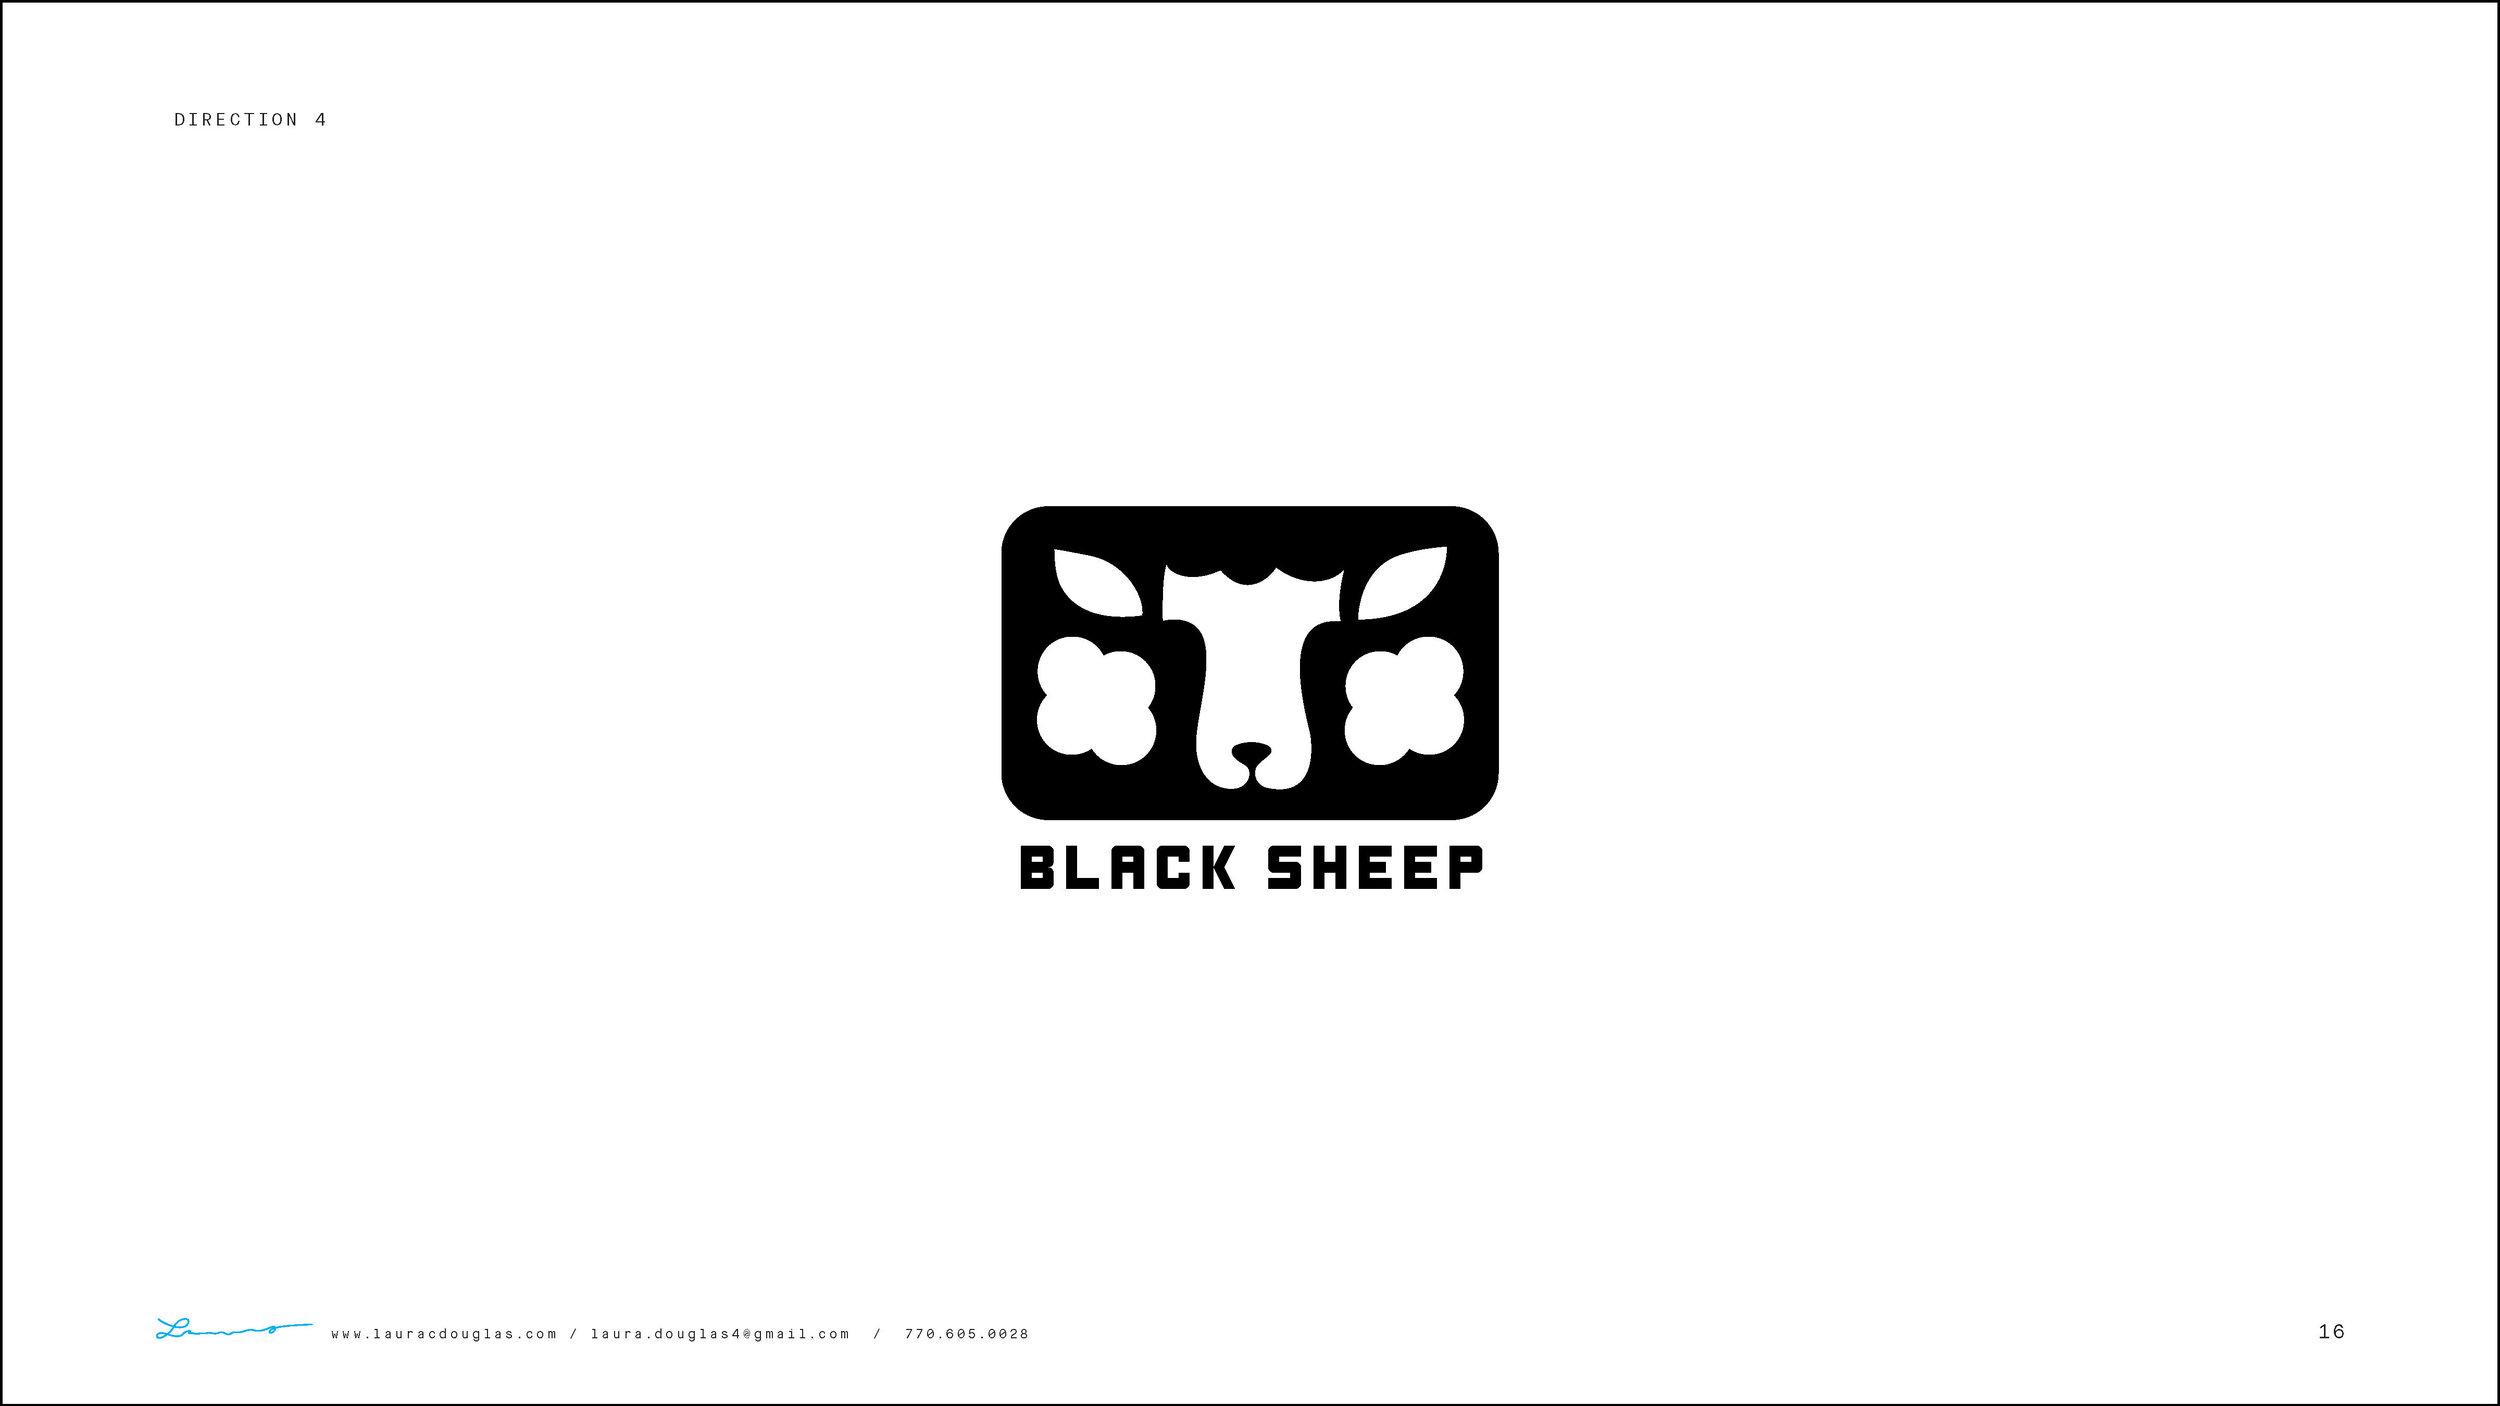 BlackSheepManagement_Logo_v1 2_Page_16.jpg